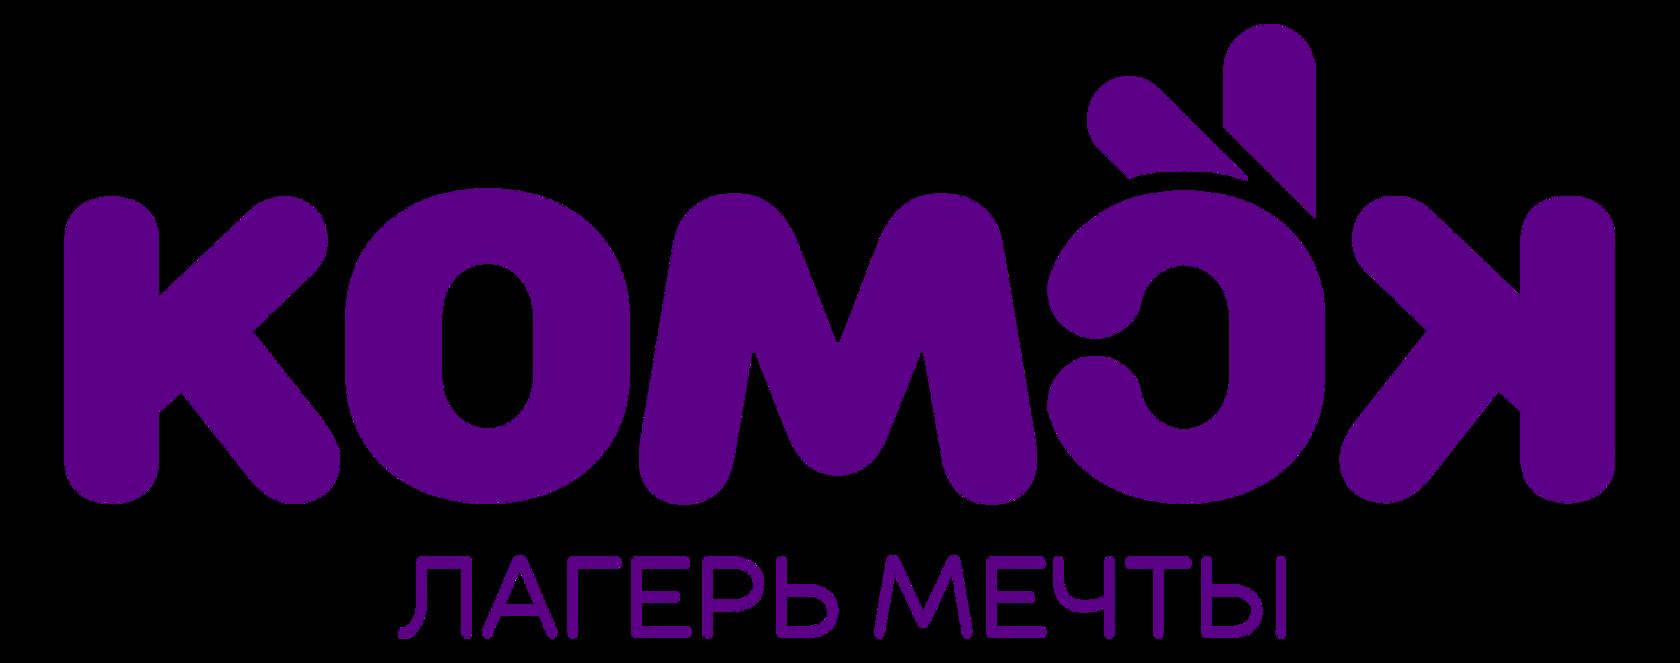 Комок camp